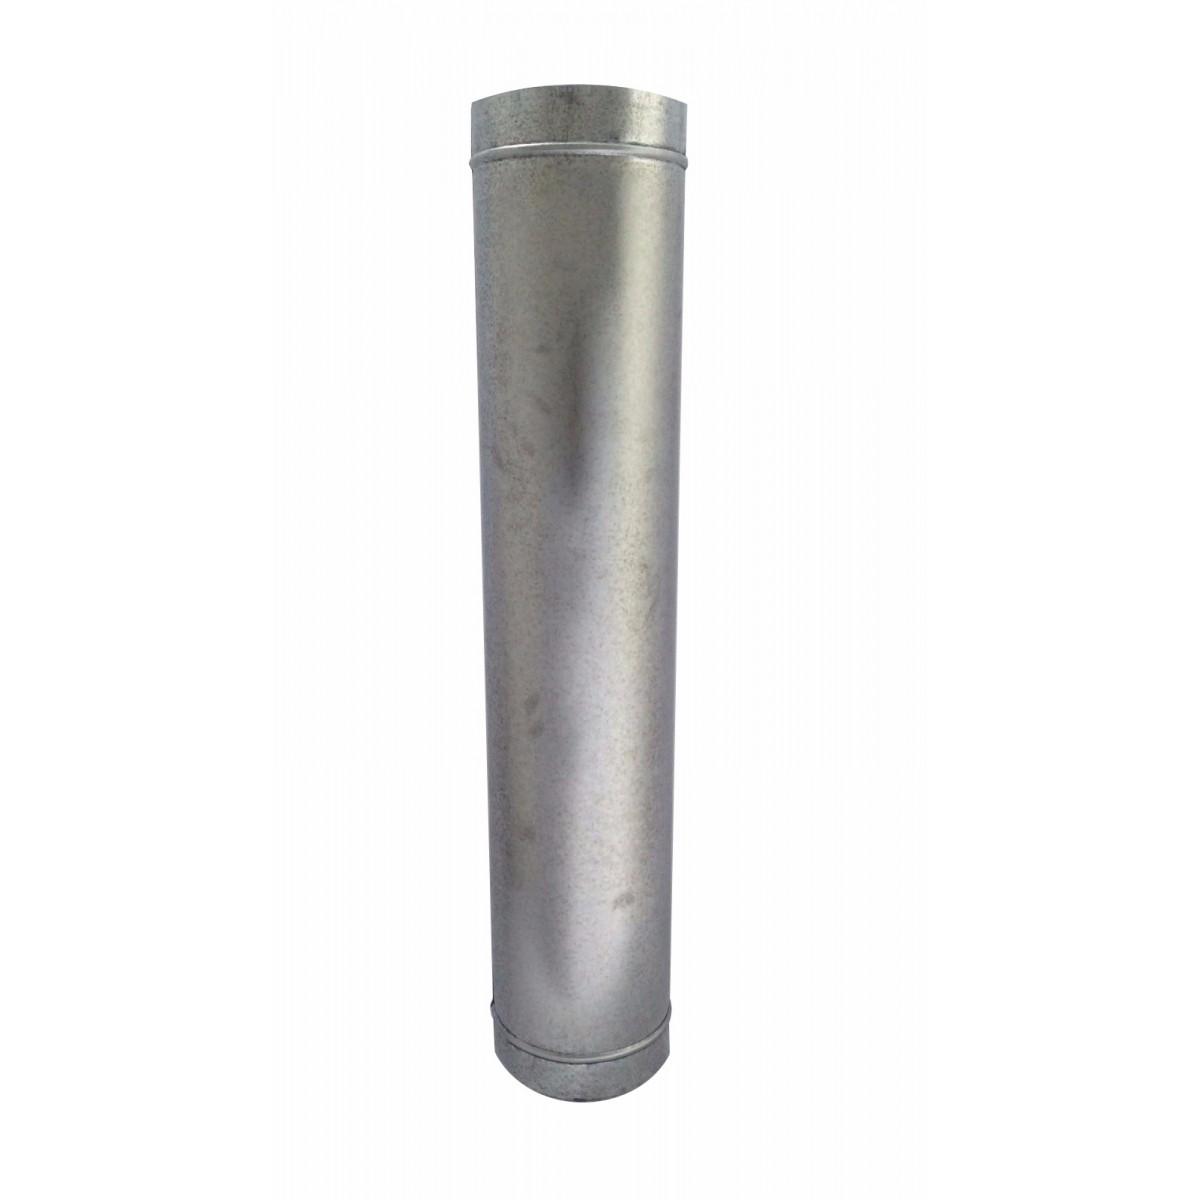 Duto galvanizado para chaminé de 260 mm de diâmetro  - Galvocalhas